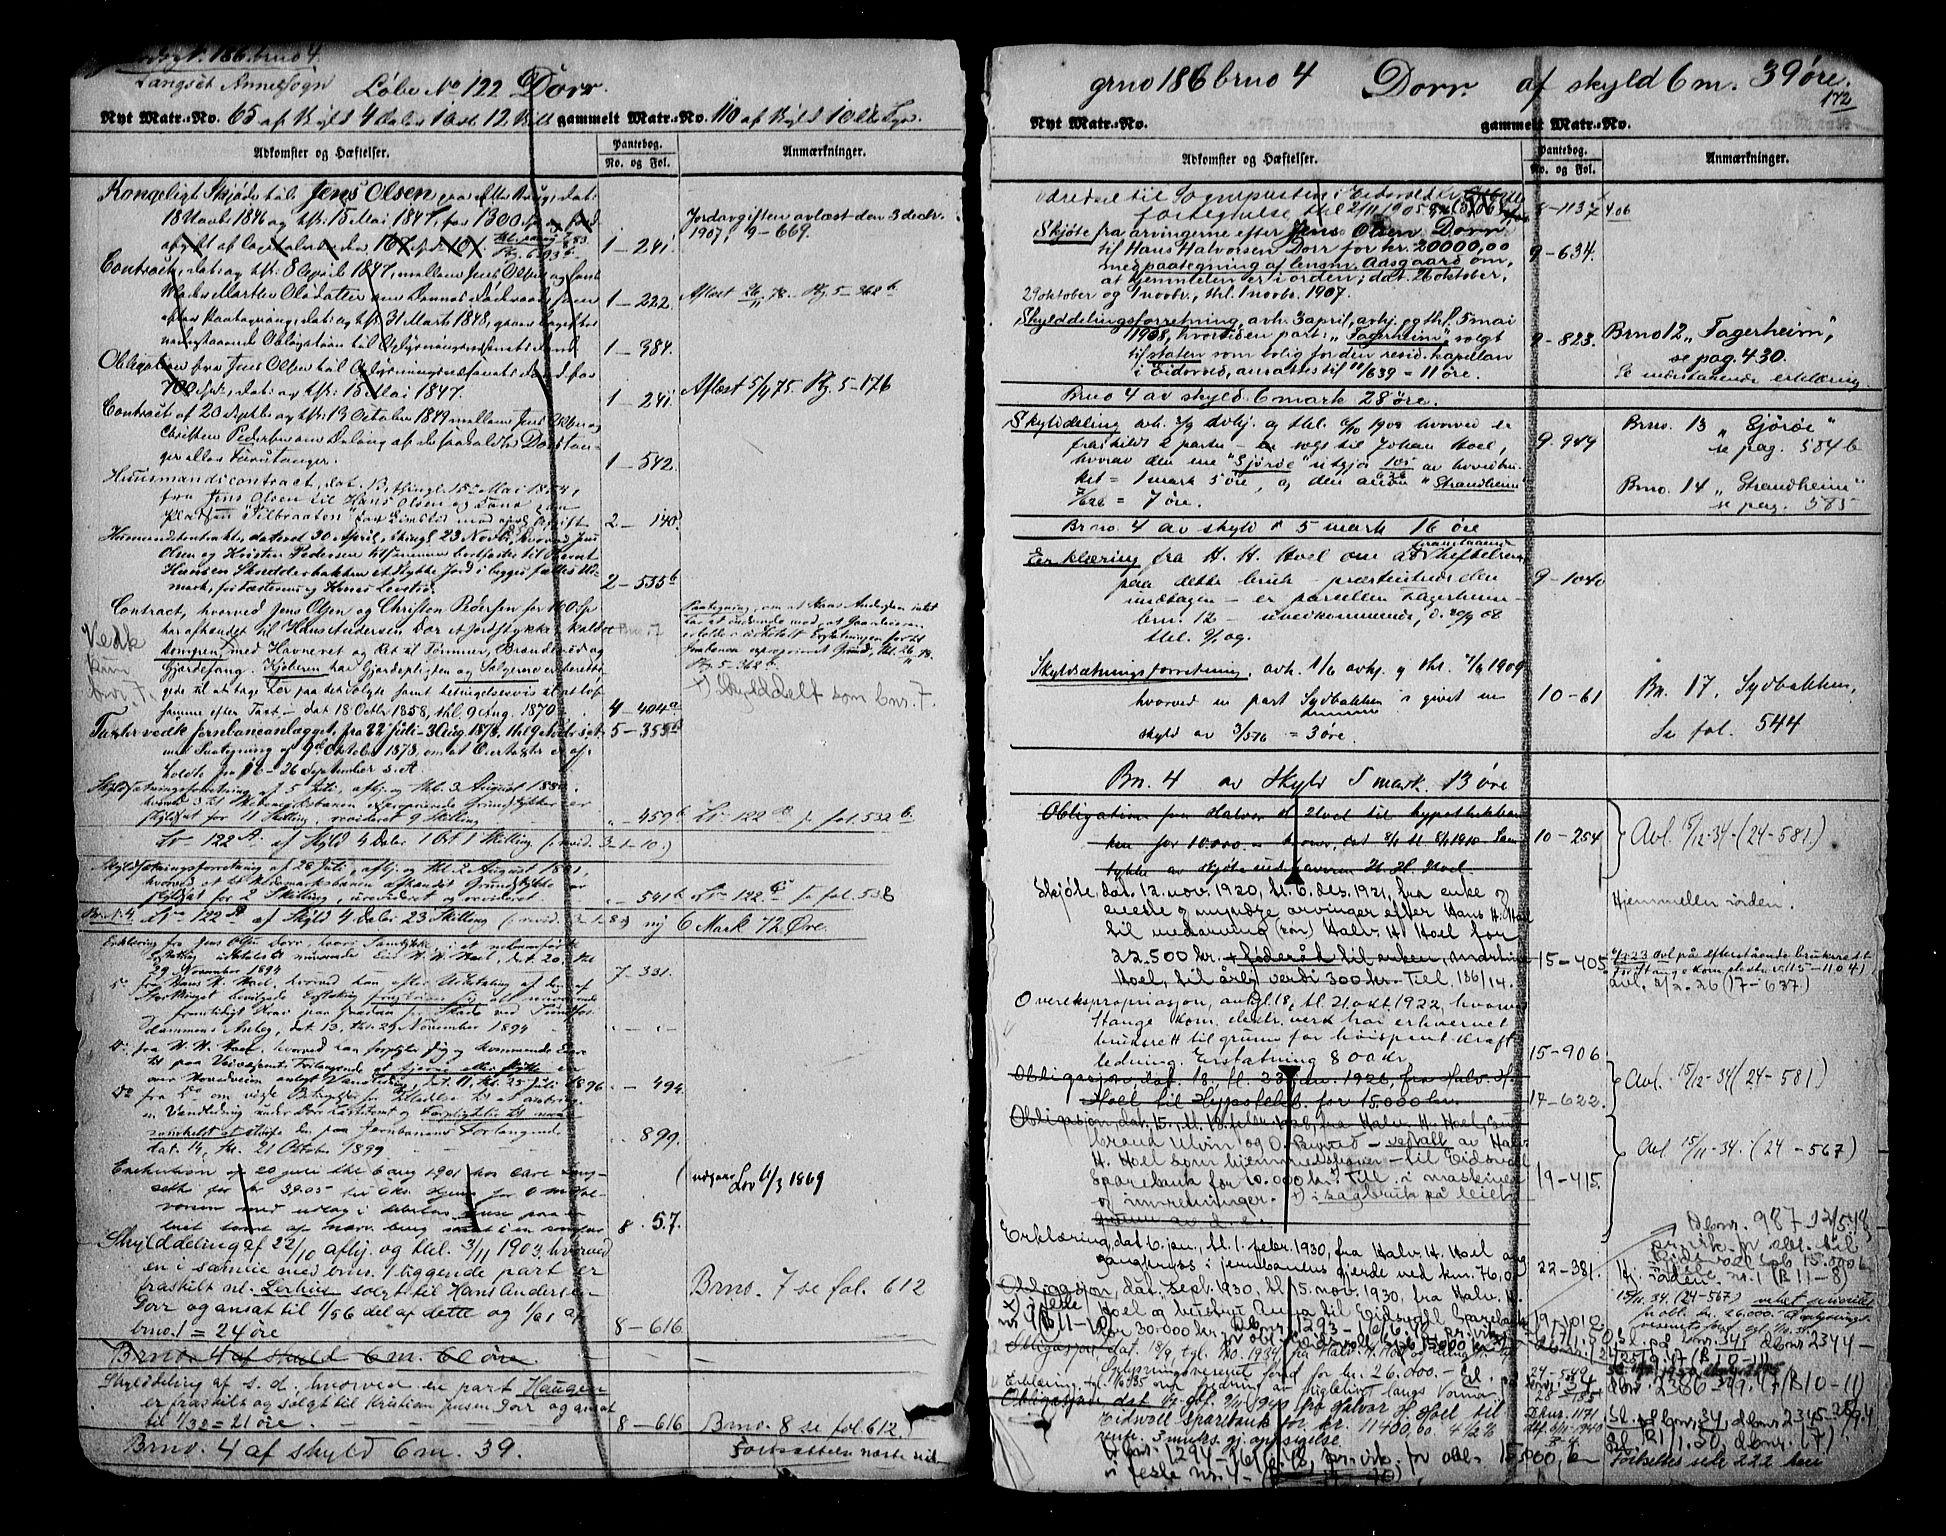 SAO, Eidsvoll tingrett, G/Ga/Gac/L0001: Panteregister nr. III I, s. 172